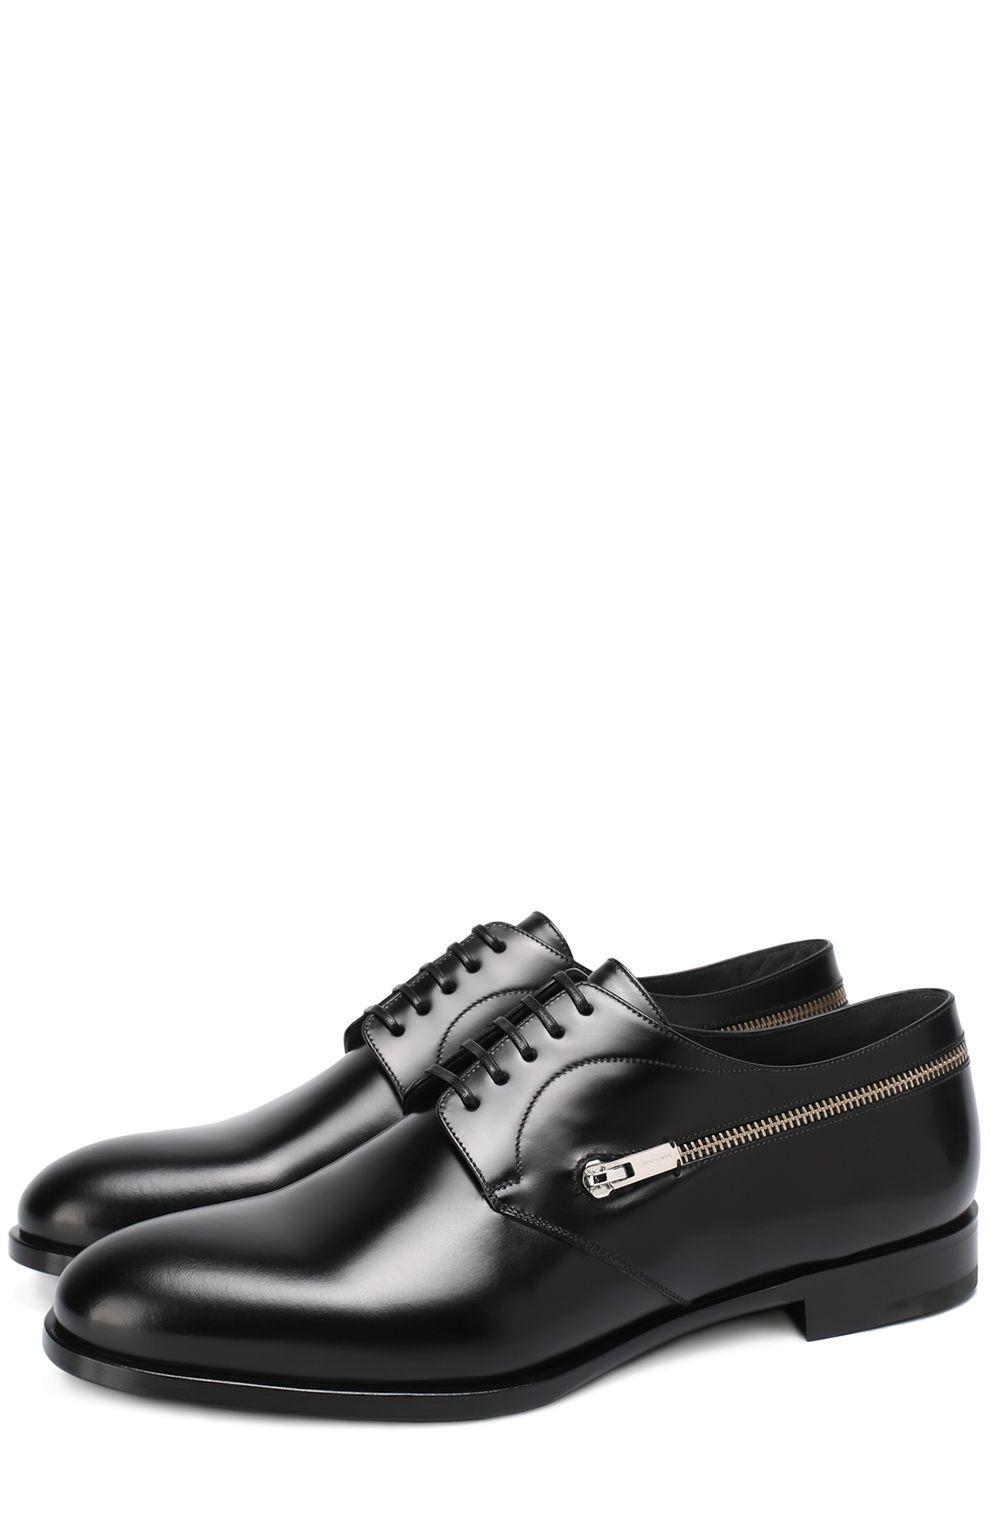 Dior Homme Мужские черные классические кожаные дерби с декоративной молнией  44800 RUB, сезон SS 2017 bd21d55d521